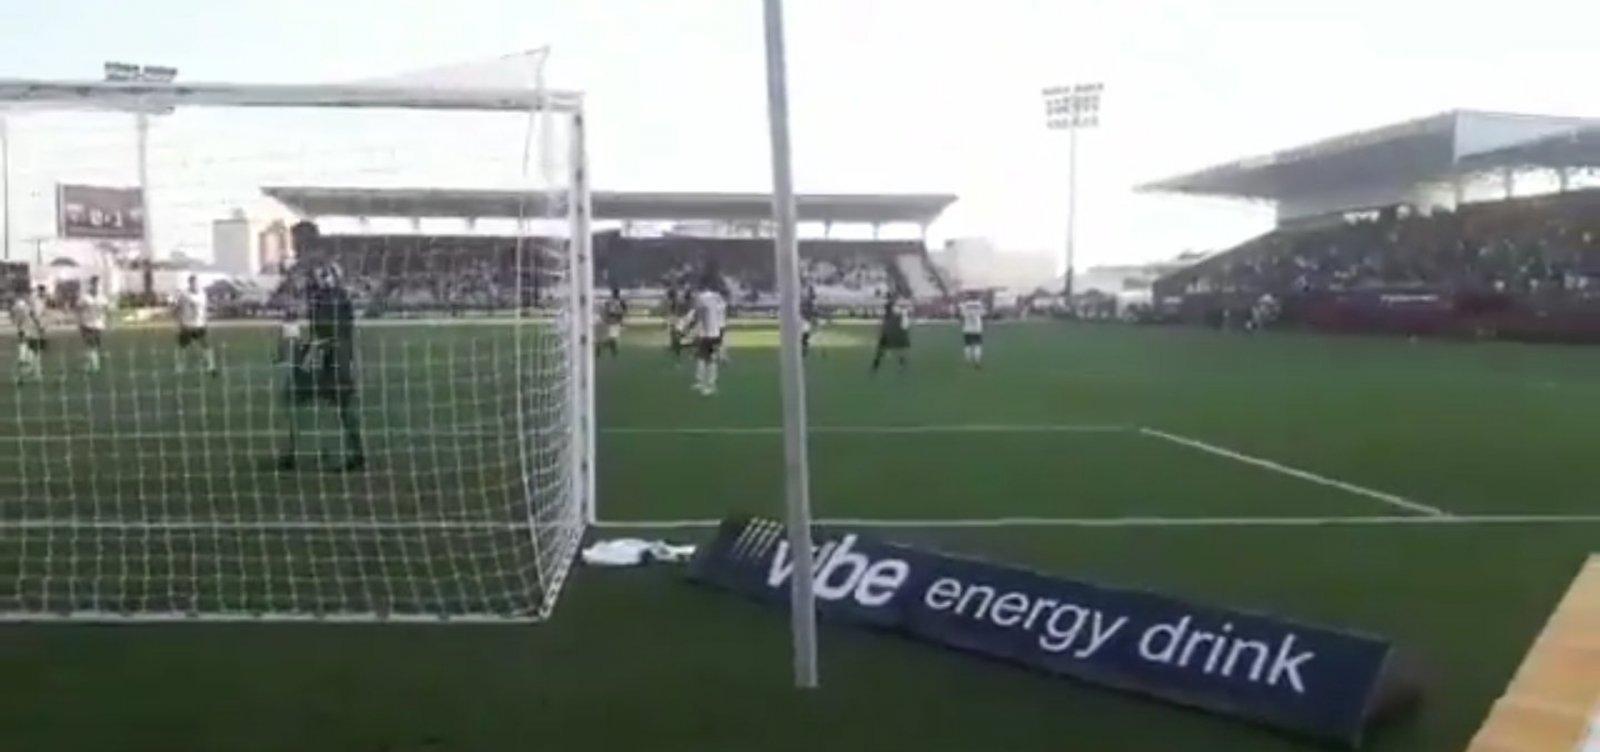 Vitória empata em 1 a 1 com o Atlético-GO na Série B